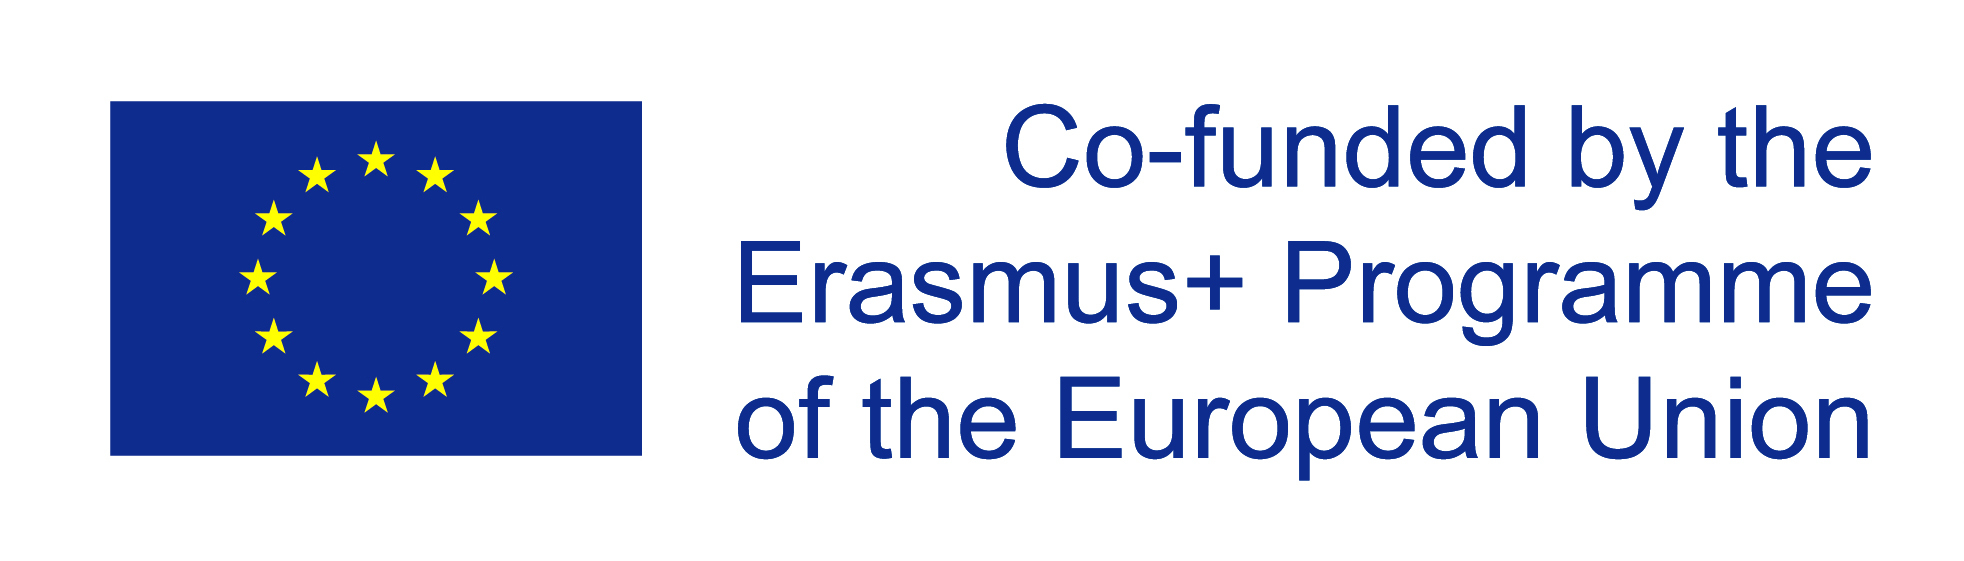 Die Flagge der Europäischen Union. Daneben der Text Co-funded by the Erasmus+ Programme of the European Union.